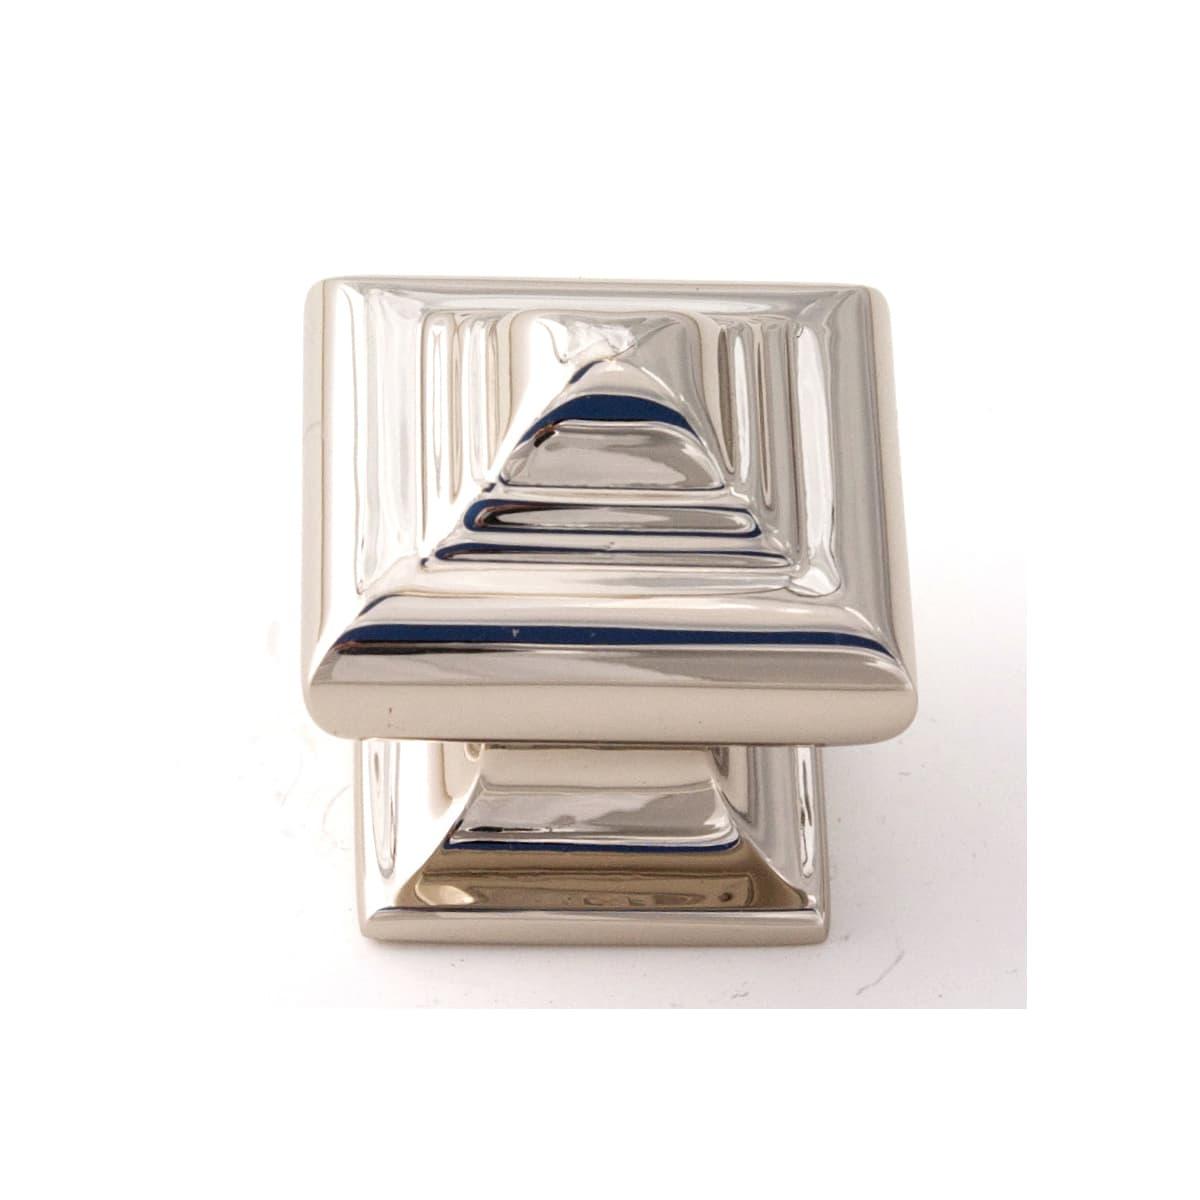 Alno Geometric 1-1/4 Inch Square Cabinet Knob